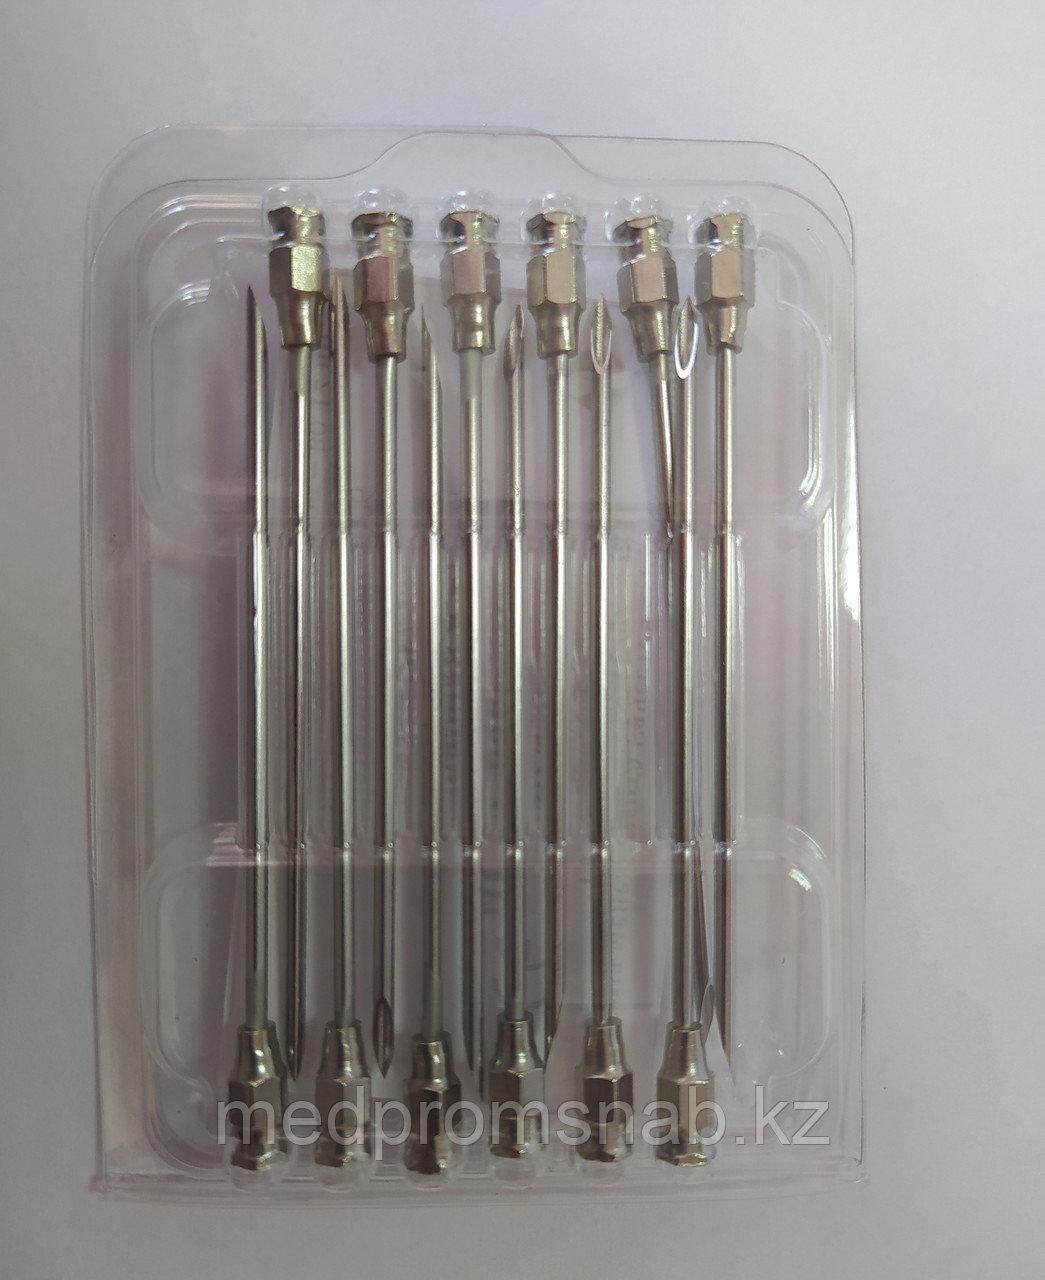 Игла ветеринарная  2,0 х 90 мм, инъекционная И-253